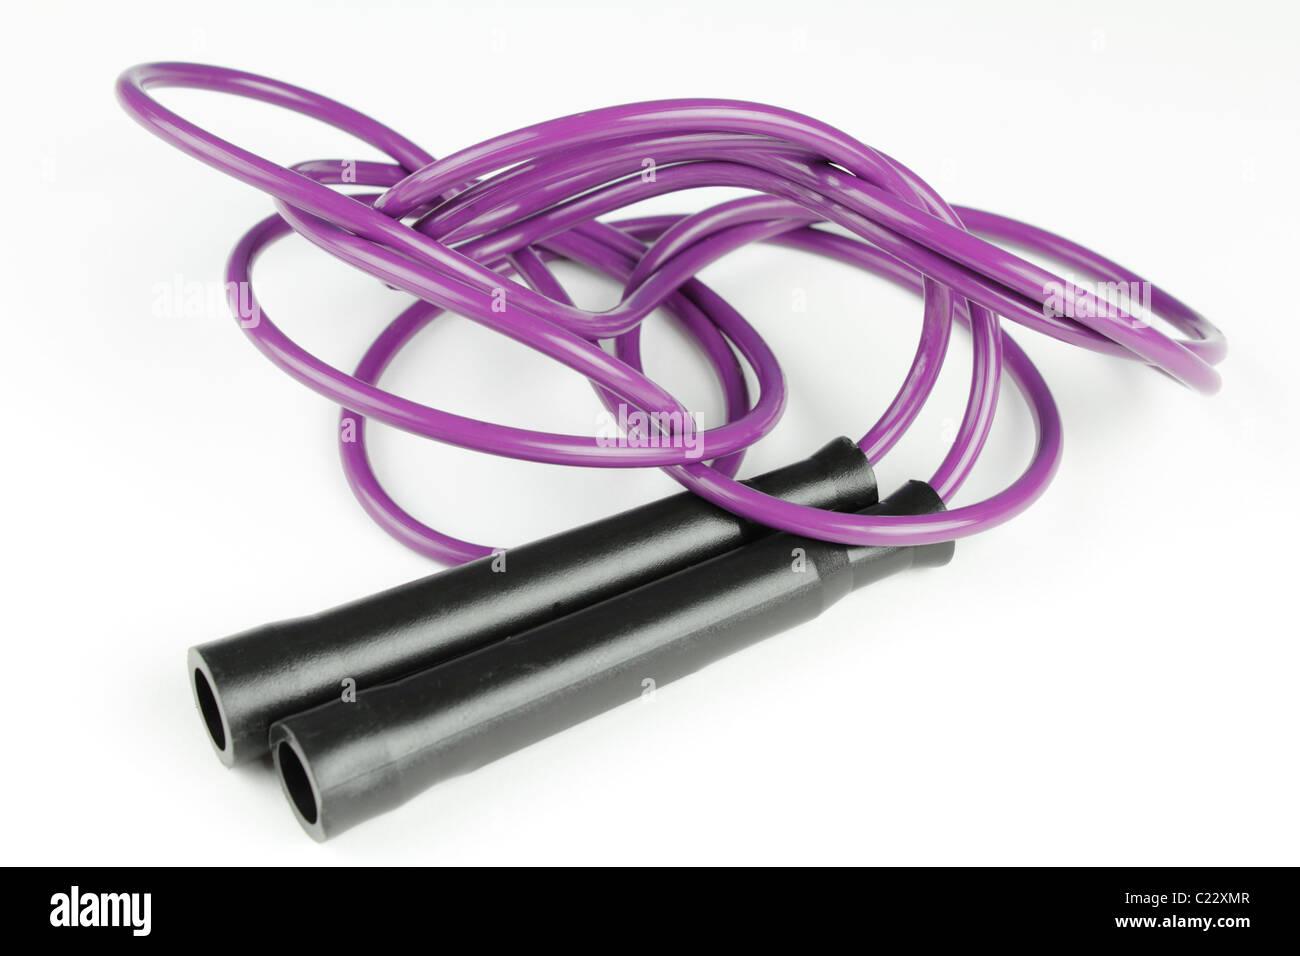 Poignées en plastique noir de chaque côté de la corde à sauter sur un fond blanc. Corde à Photo Stock